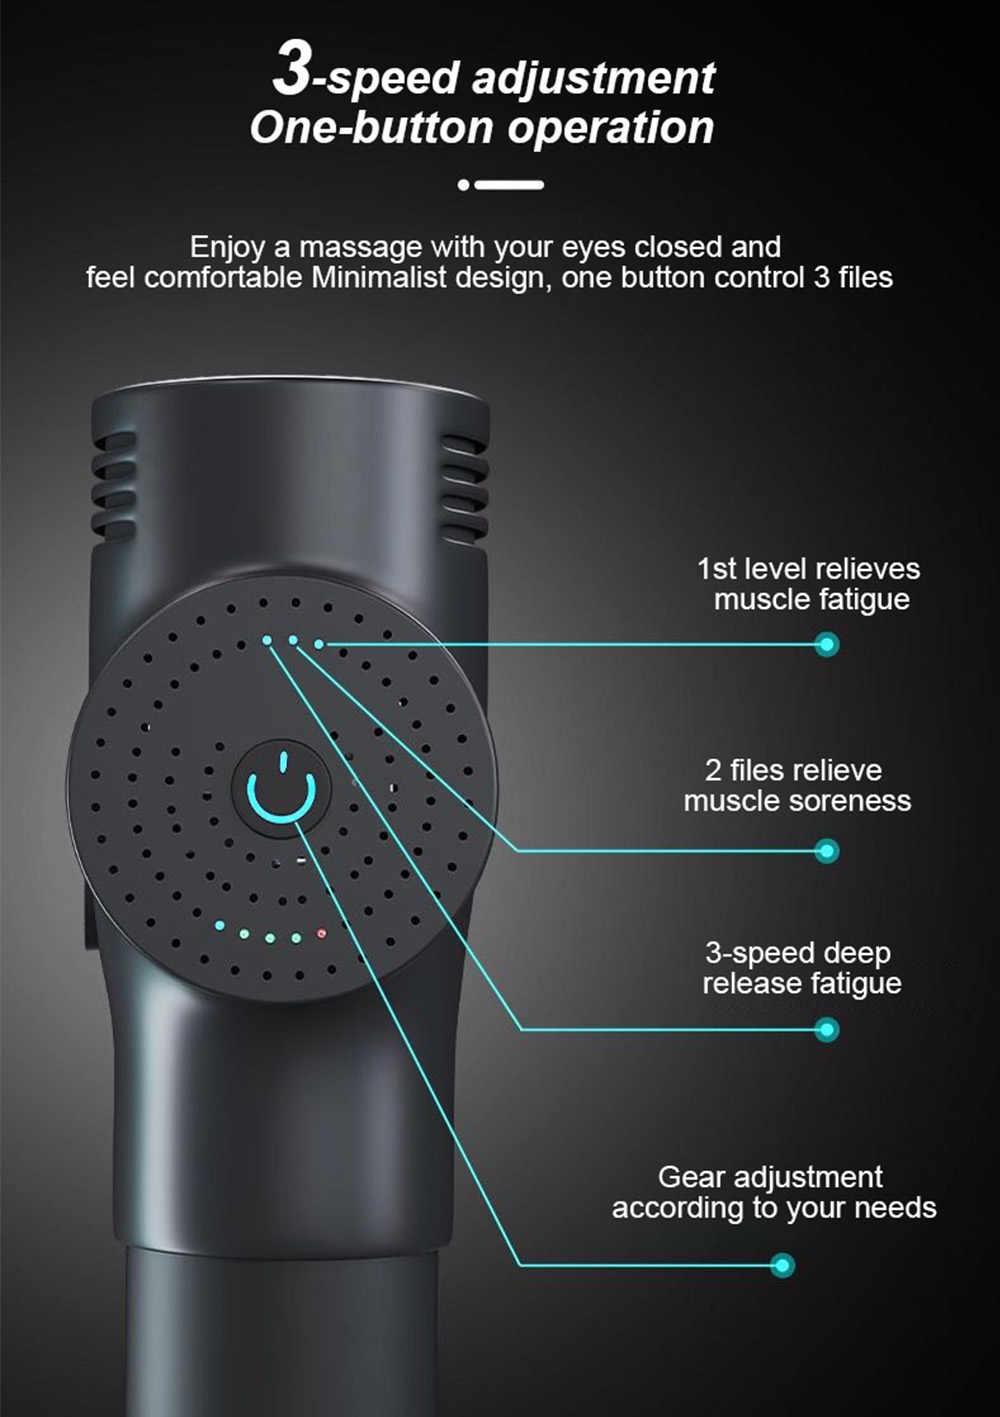 Frekuensi Tinggi Pijat Gun Otot Bersantai Tubuh Relaksasi Electric Massager dengan Portable Tas untuk Kebugaran Phoenix A2